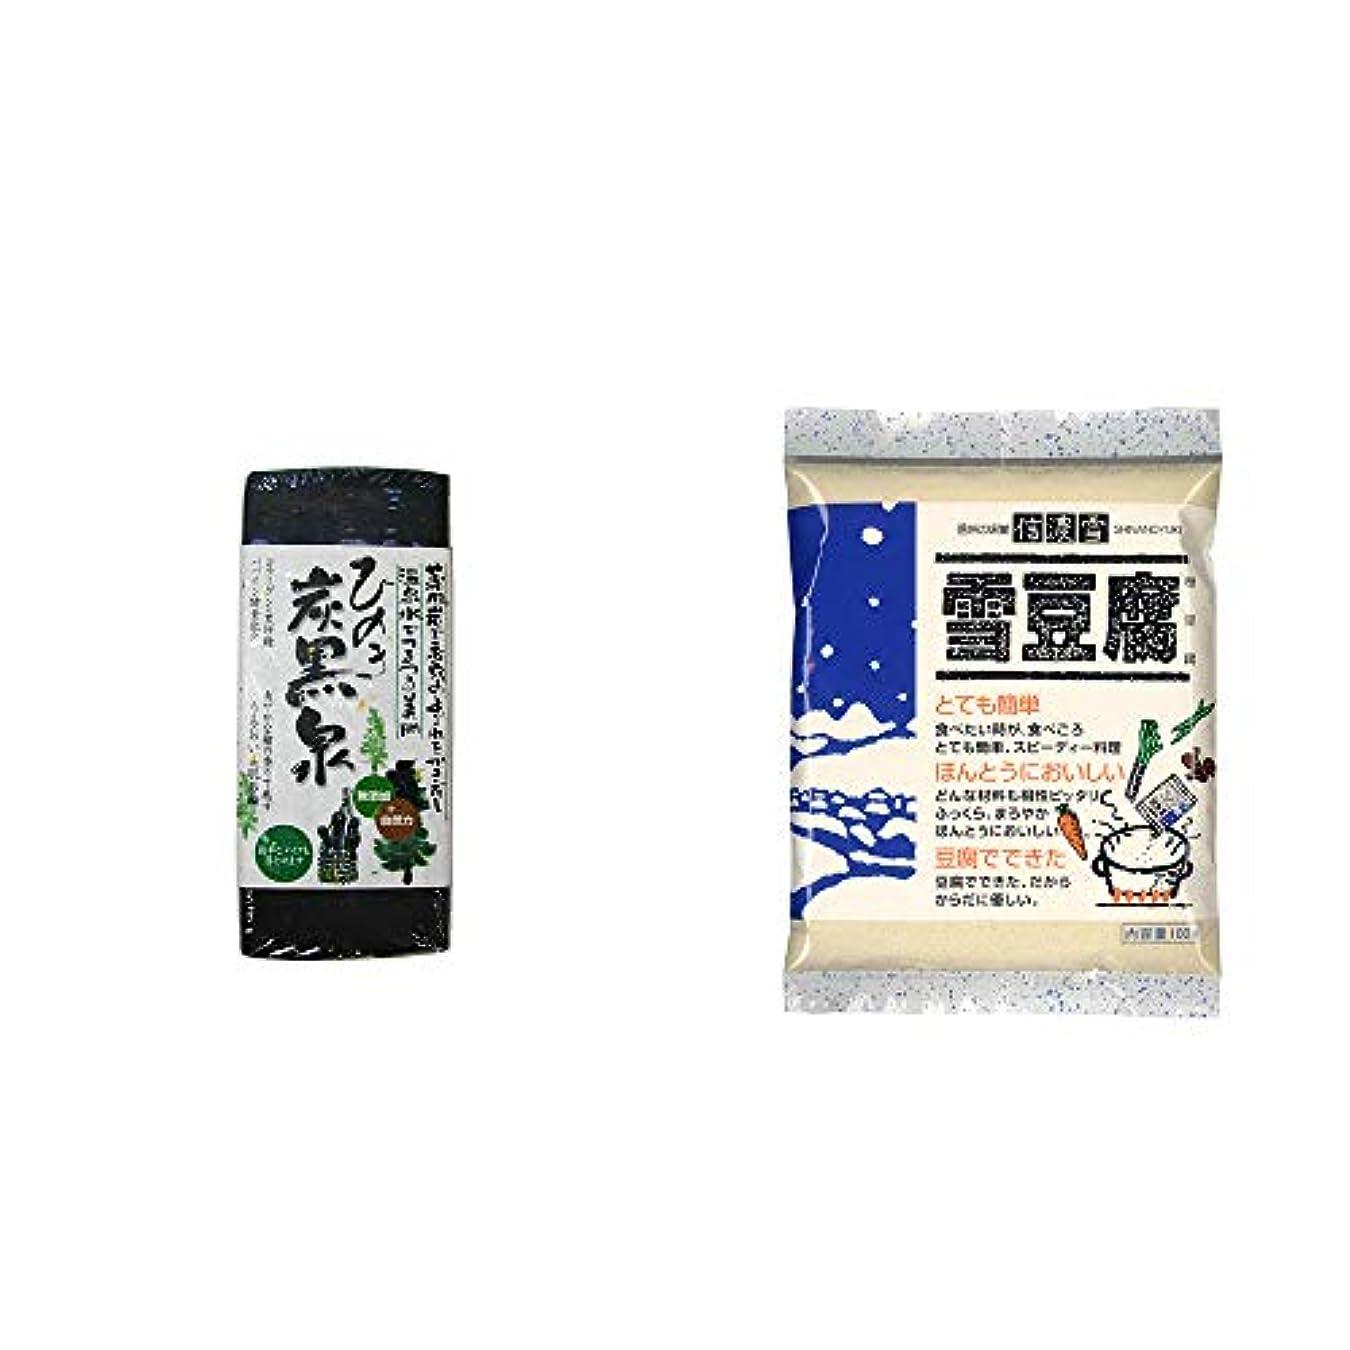 クランシー薬若い[2点セット] ひのき炭黒泉(75g×2)?信濃雪 雪豆腐(粉豆腐)(100g)